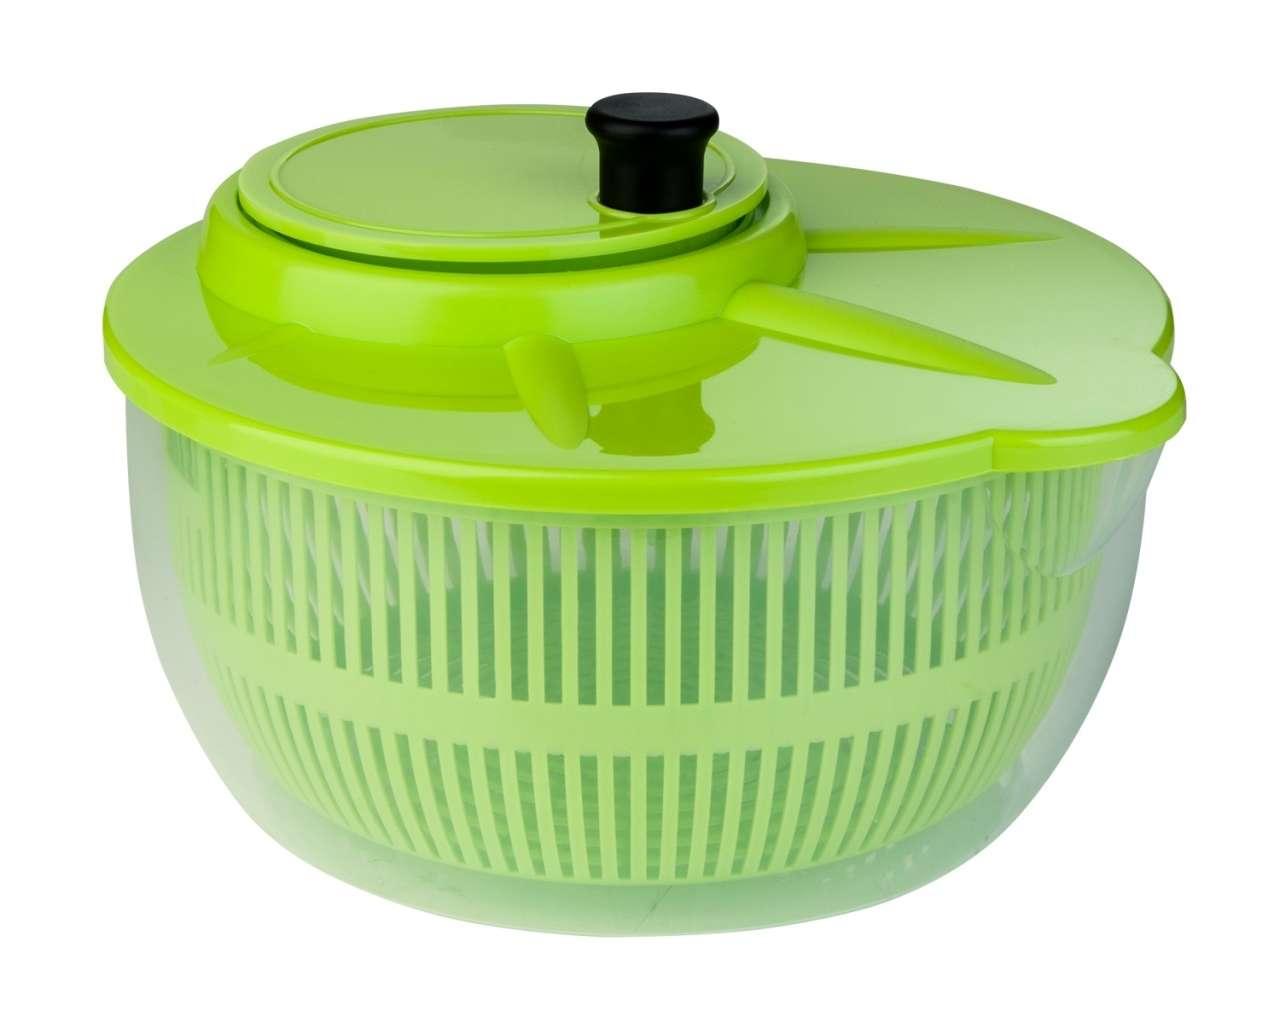 moebel-jack.de Salatschleuder LOTTI, grün, 24x24x13 cm